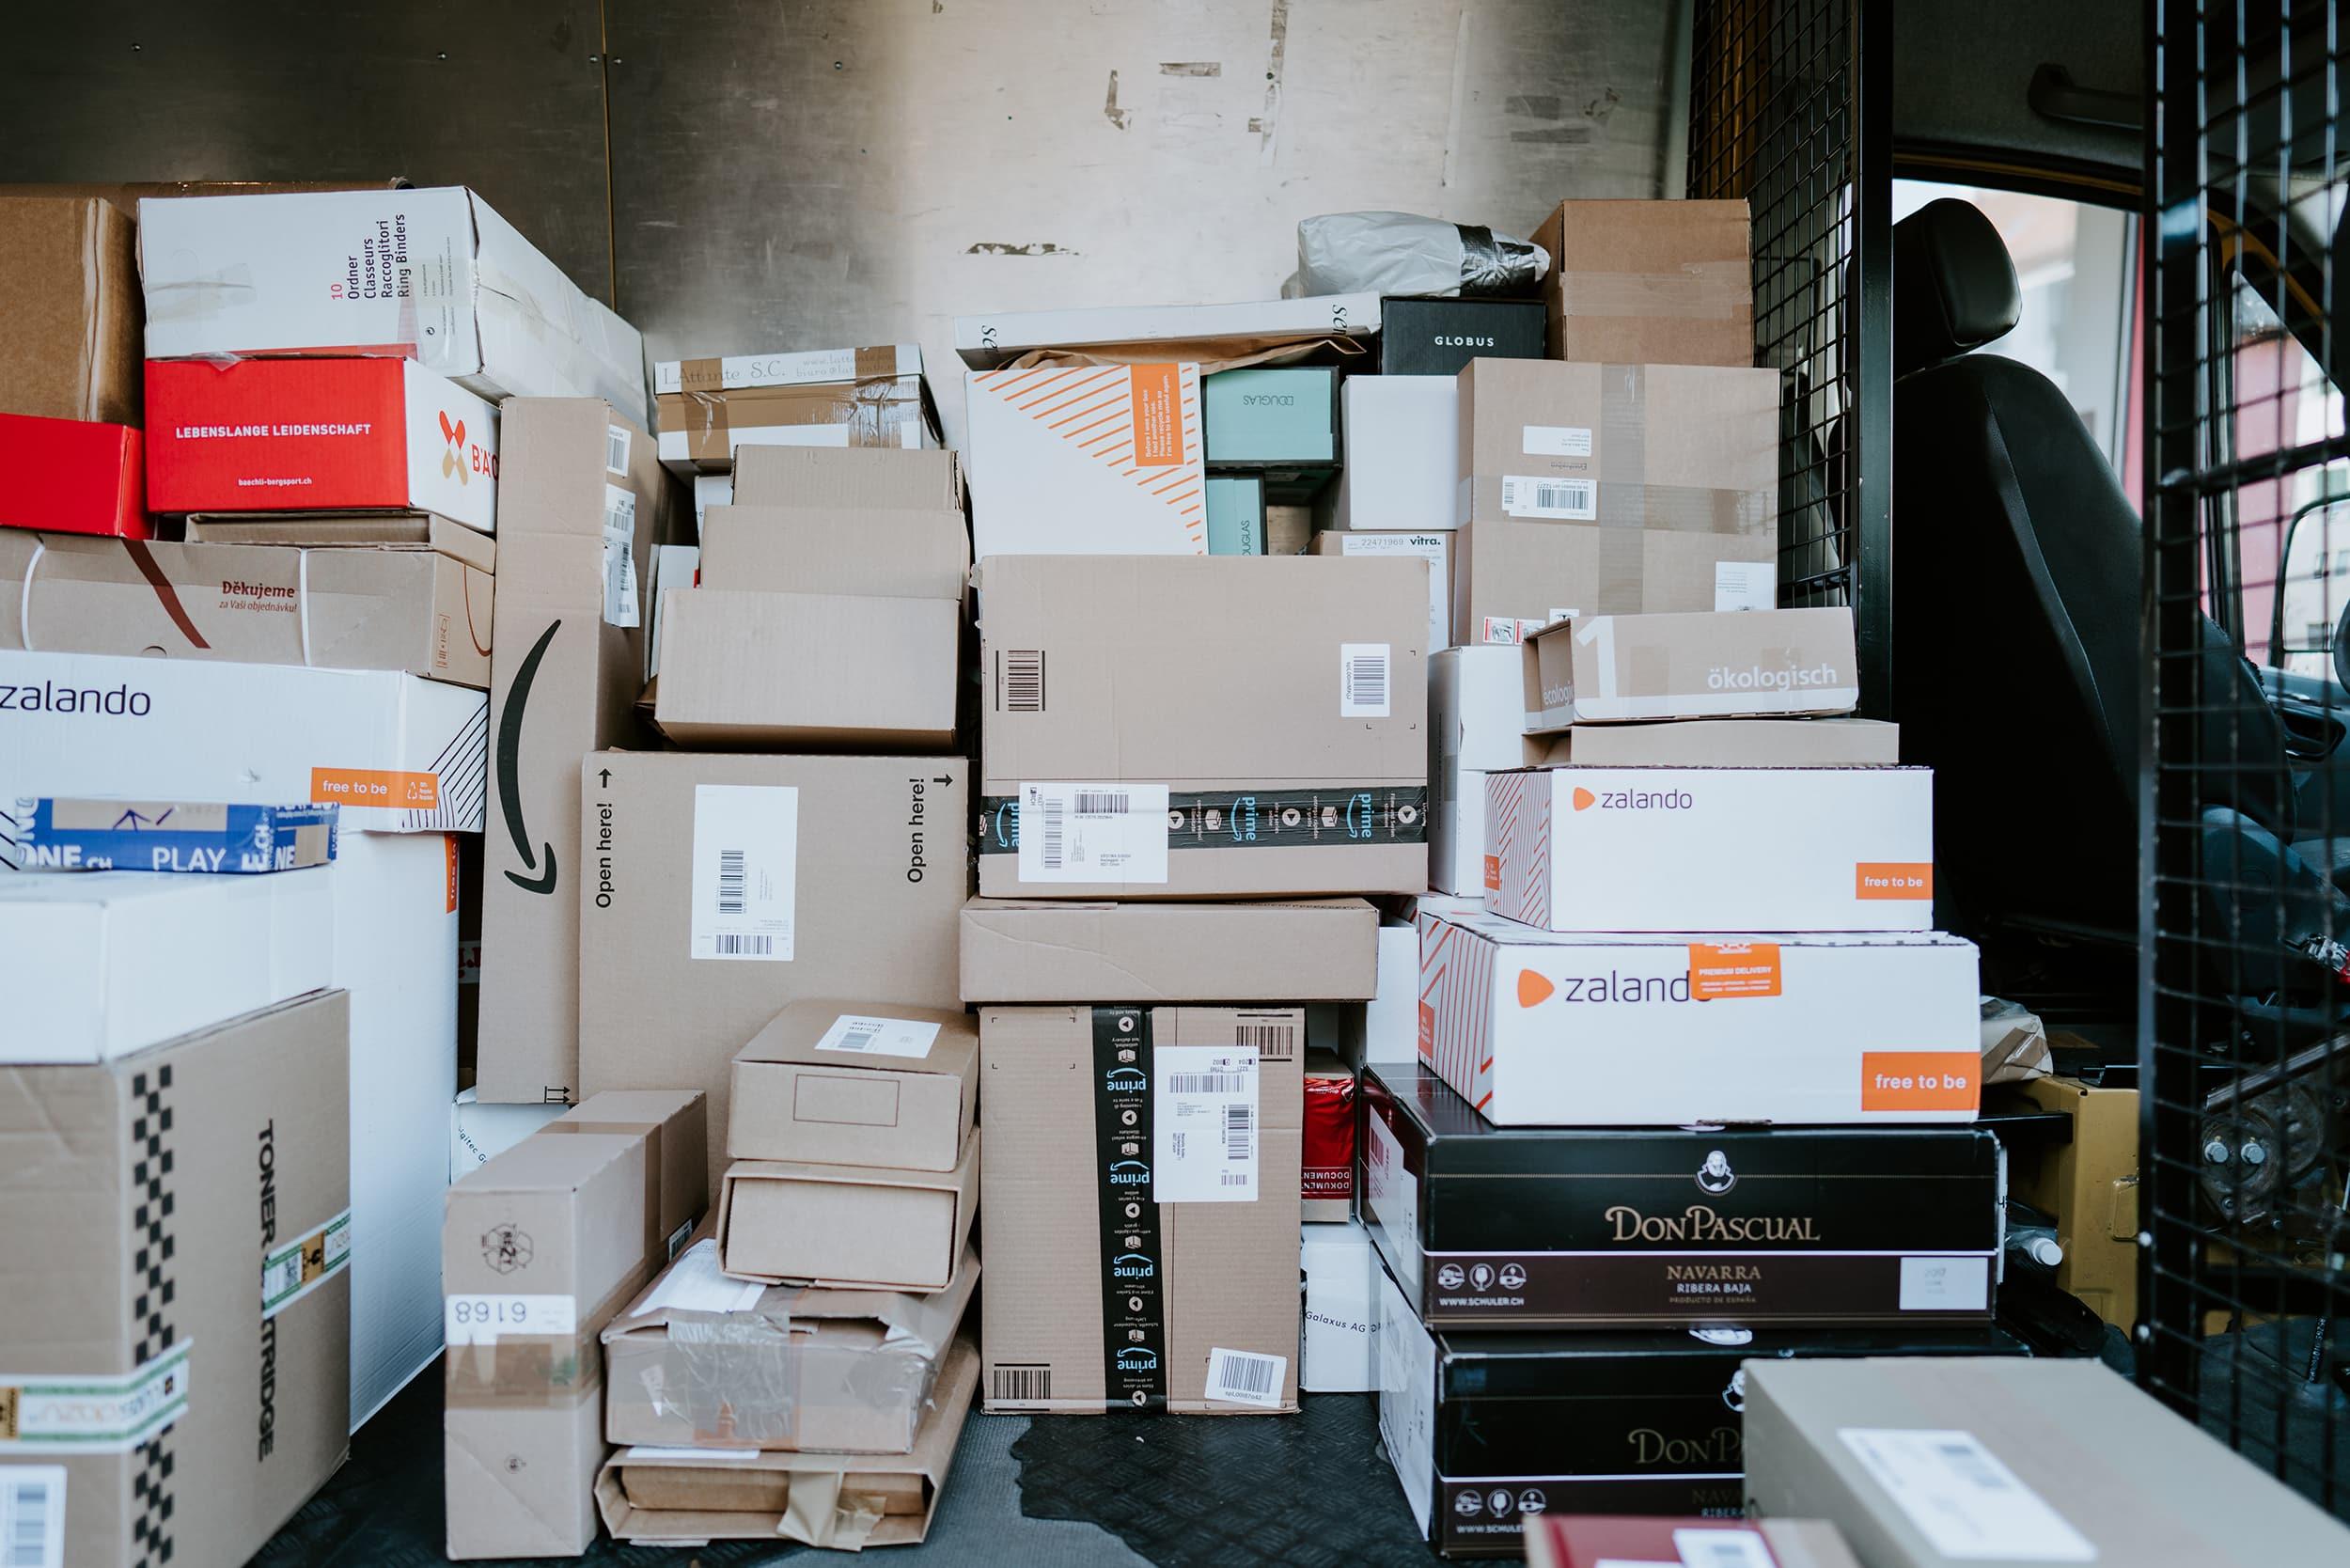 Ein Postauto voller Pakete vollgestapelt